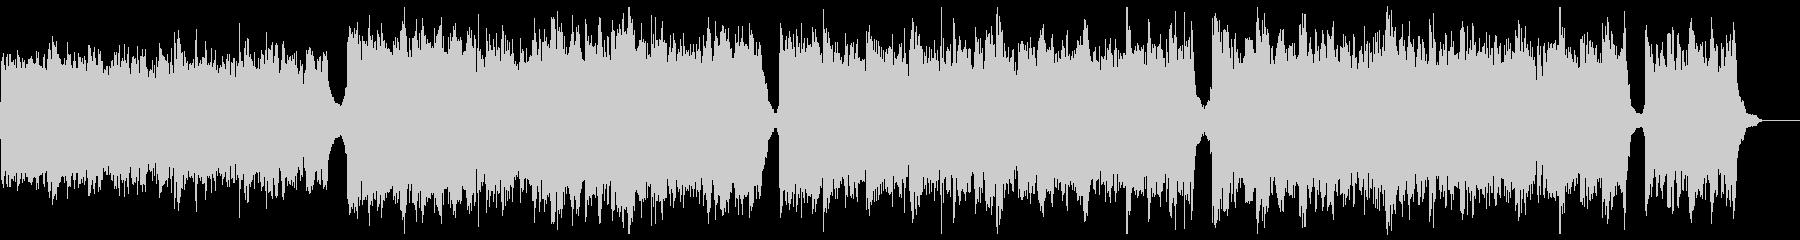 知的なシネマティックピアノ:メロディ無2の未再生の波形